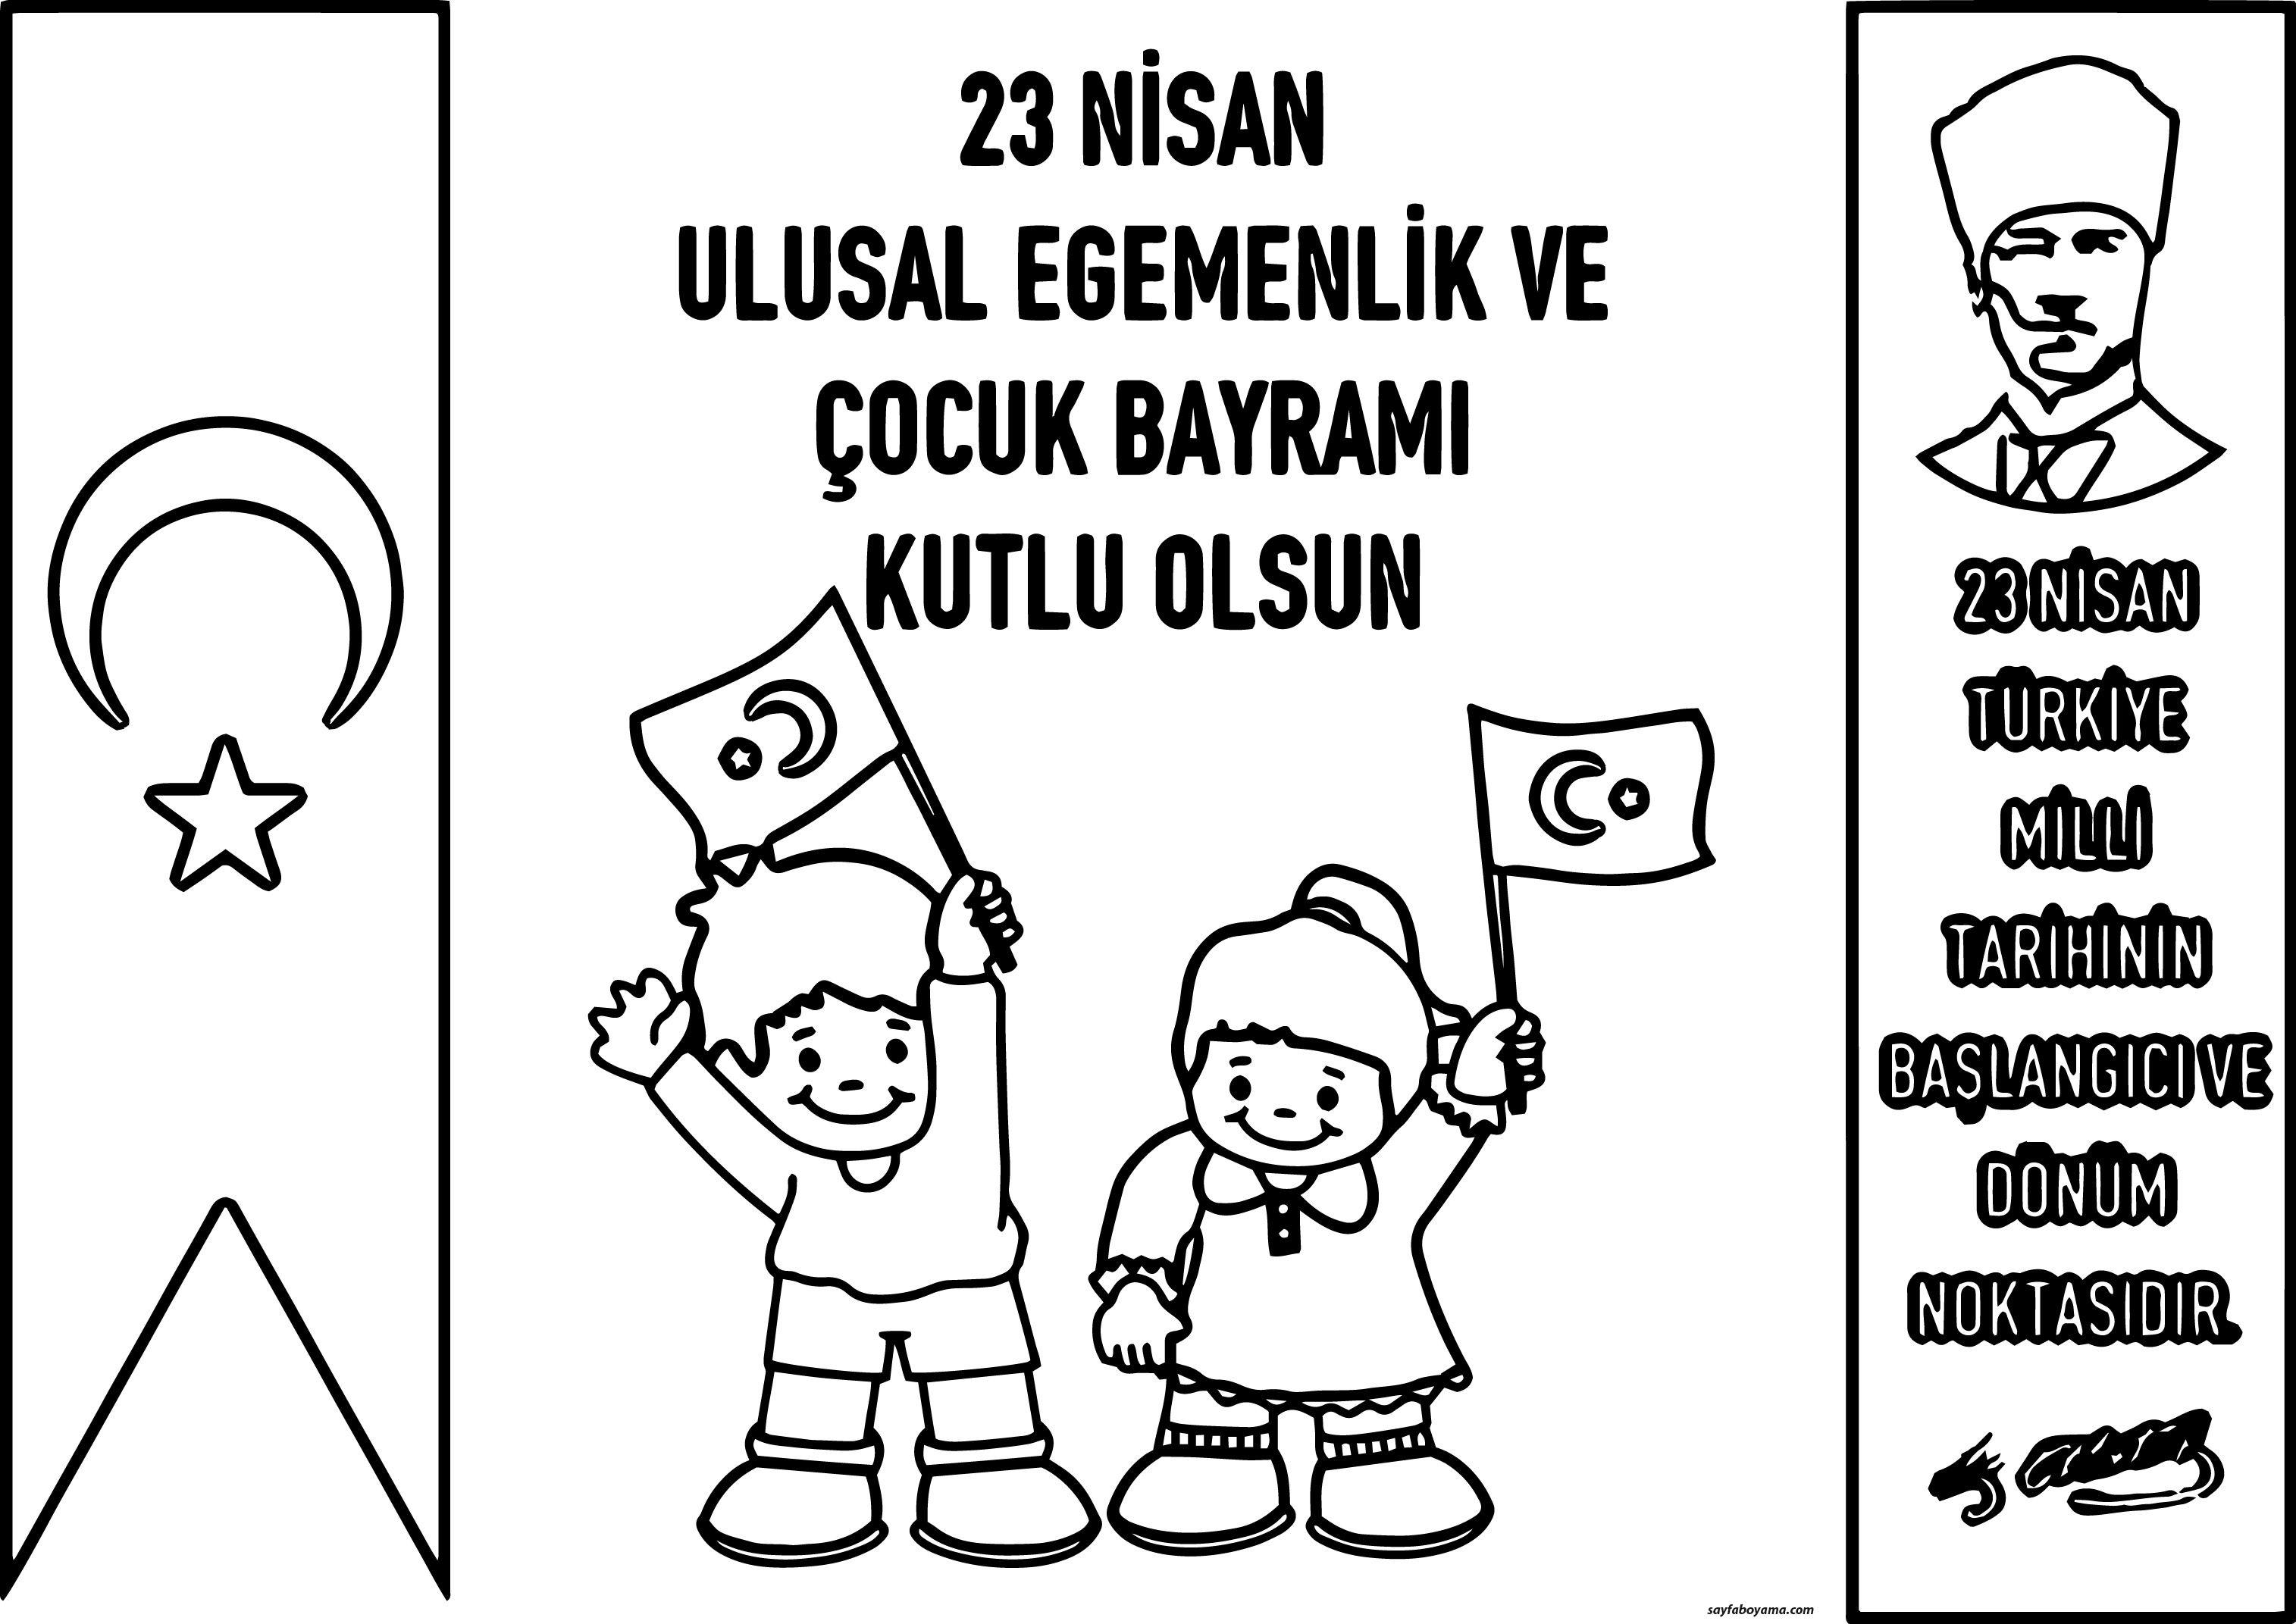 23 Nisan Ulusal Egemenlik Ve Cocuk Bayrami Ataturk Boyama Sayfasi